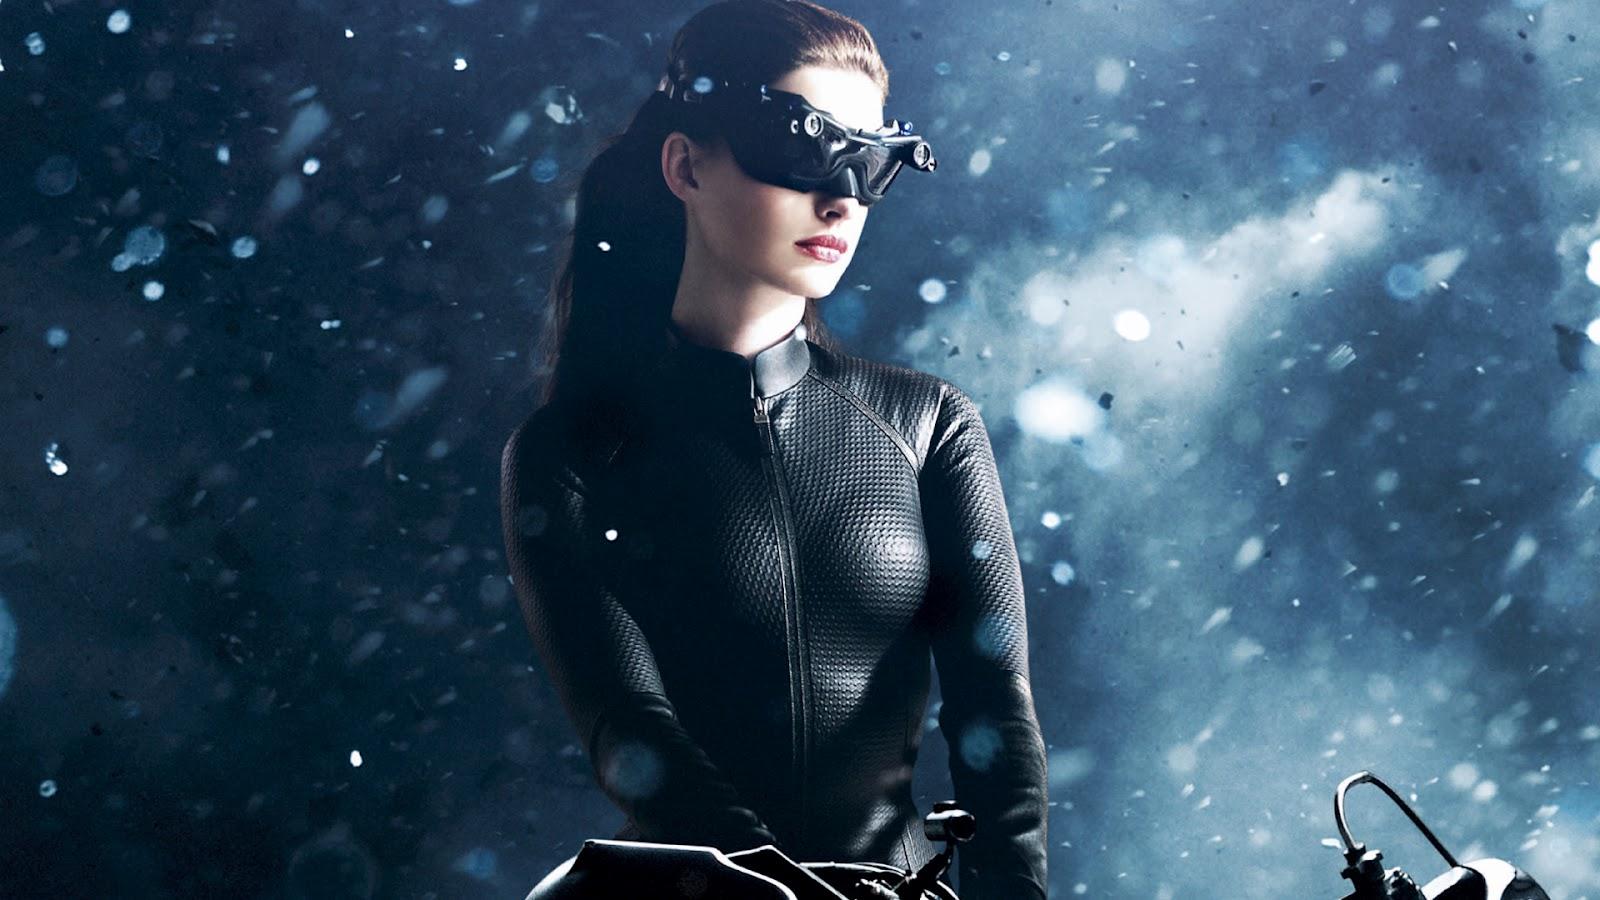 http://3.bp.blogspot.com/-QAOS1dr75gg/T8_q0m7wZ2I/AAAAAAAANK4/q_eOTSQ1goE/s1600/catwoman_anne_hathaway-HD.jpeg